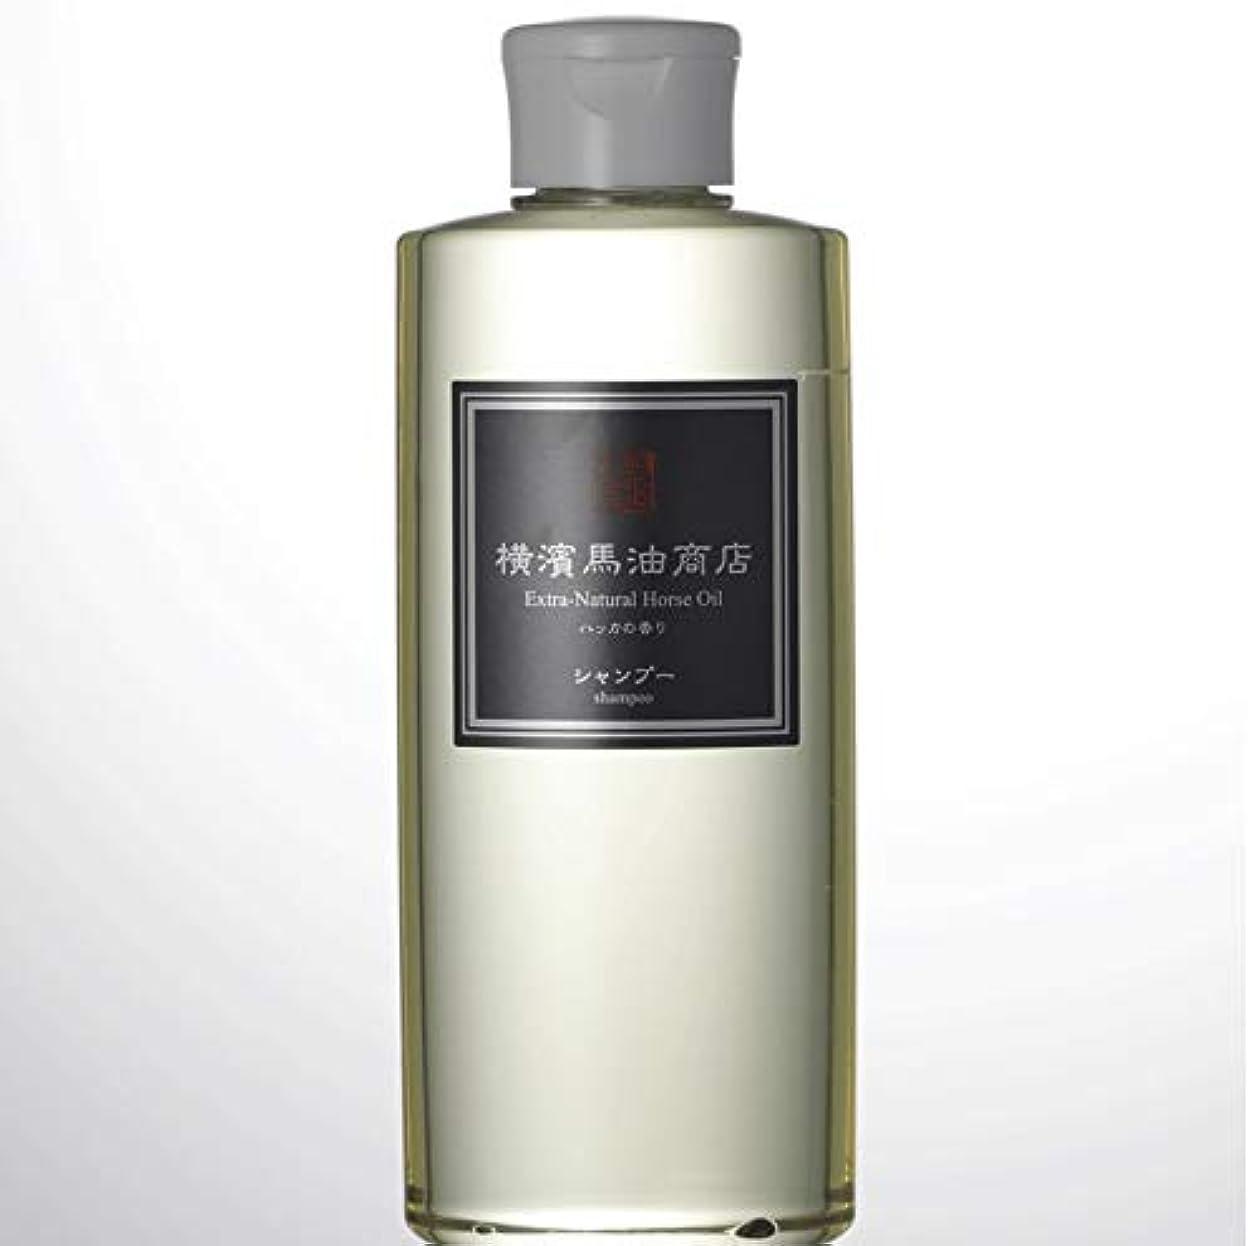 ボアクレーン火山学者横濱馬油商店 こうね馬油 ナチュラル シャンプー ハッカの香り 200ml